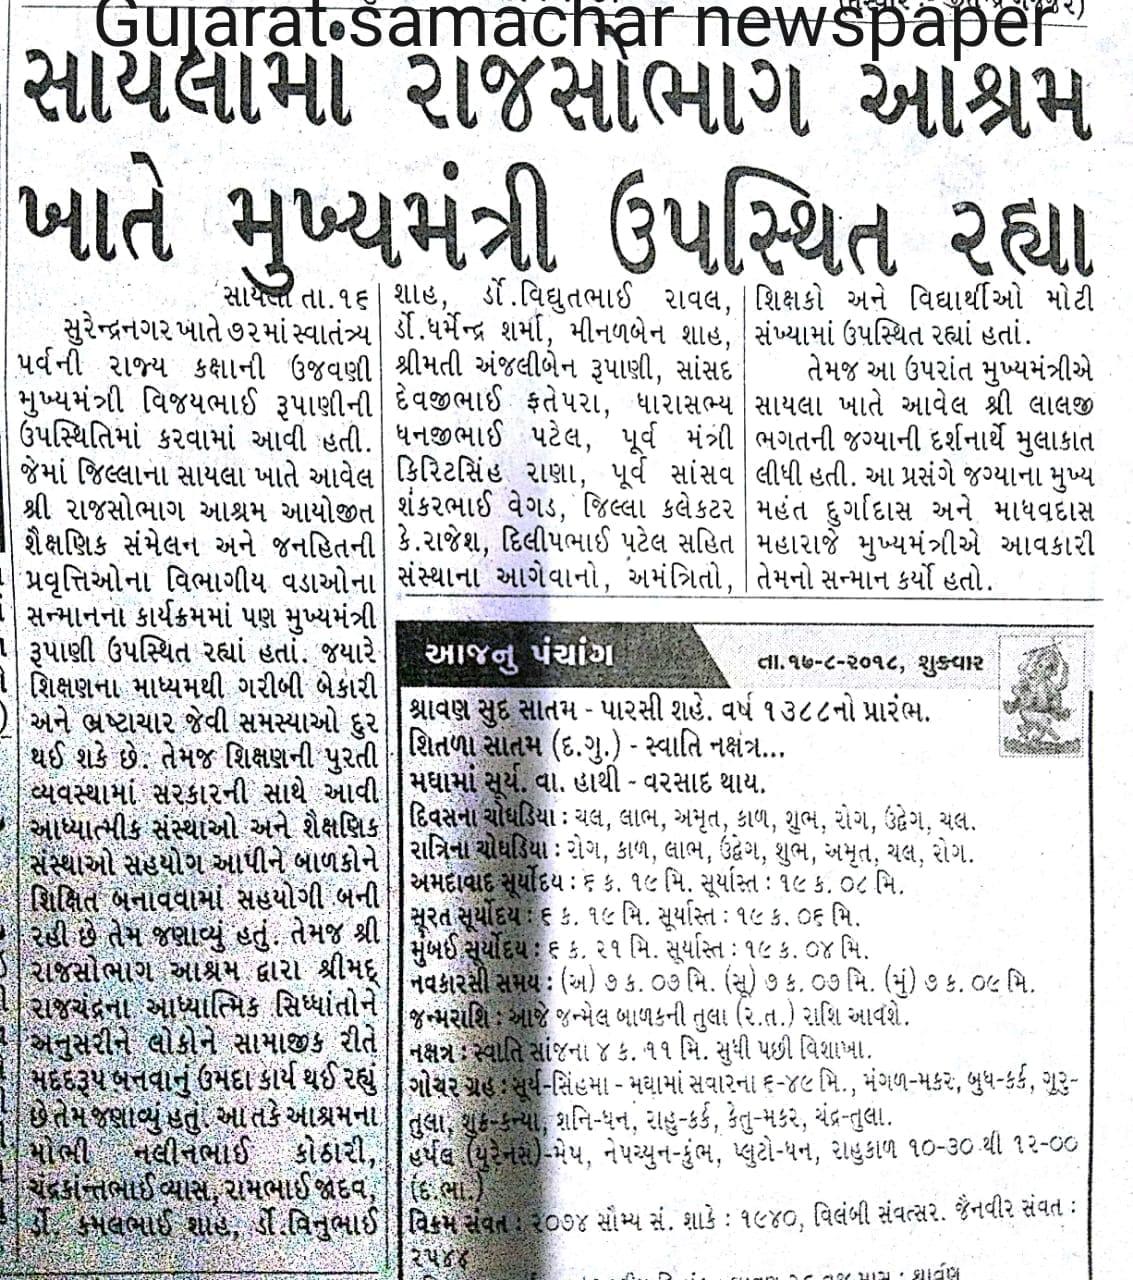 Gujarat Samachar, dated 17 August 2018